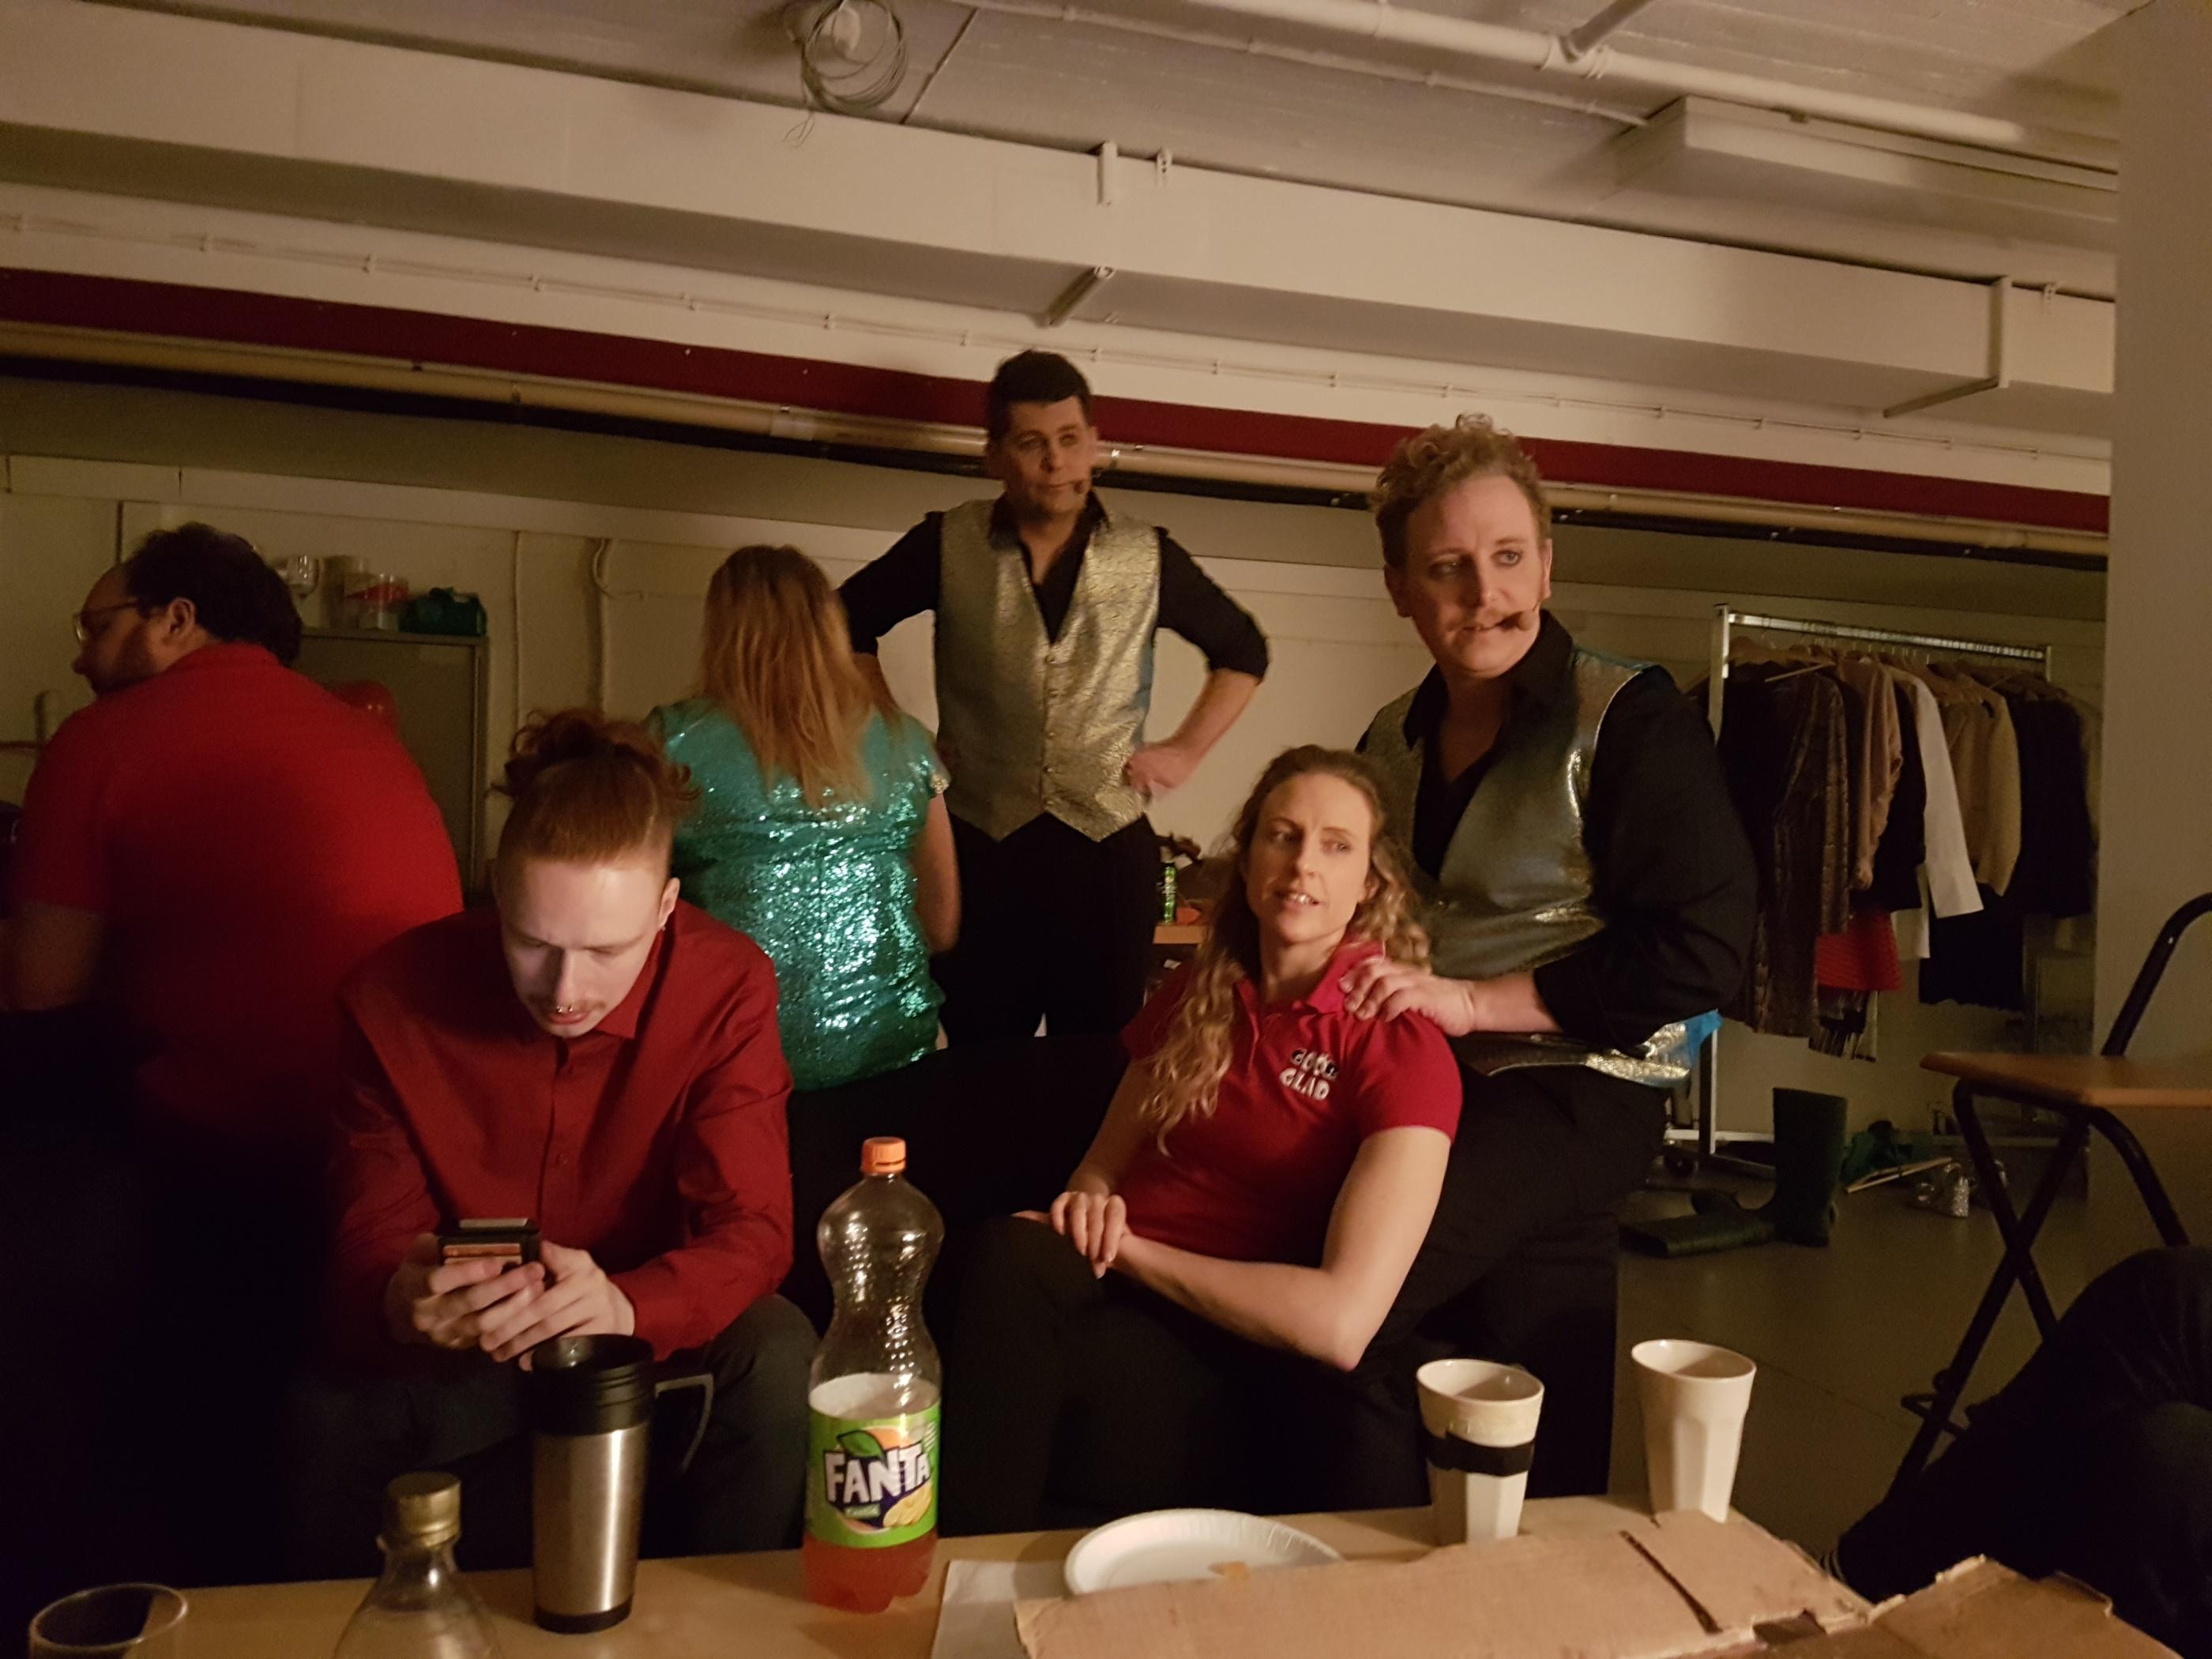 uppkopplad dating webbplats för mogna män yngre 40 i hudiksvall